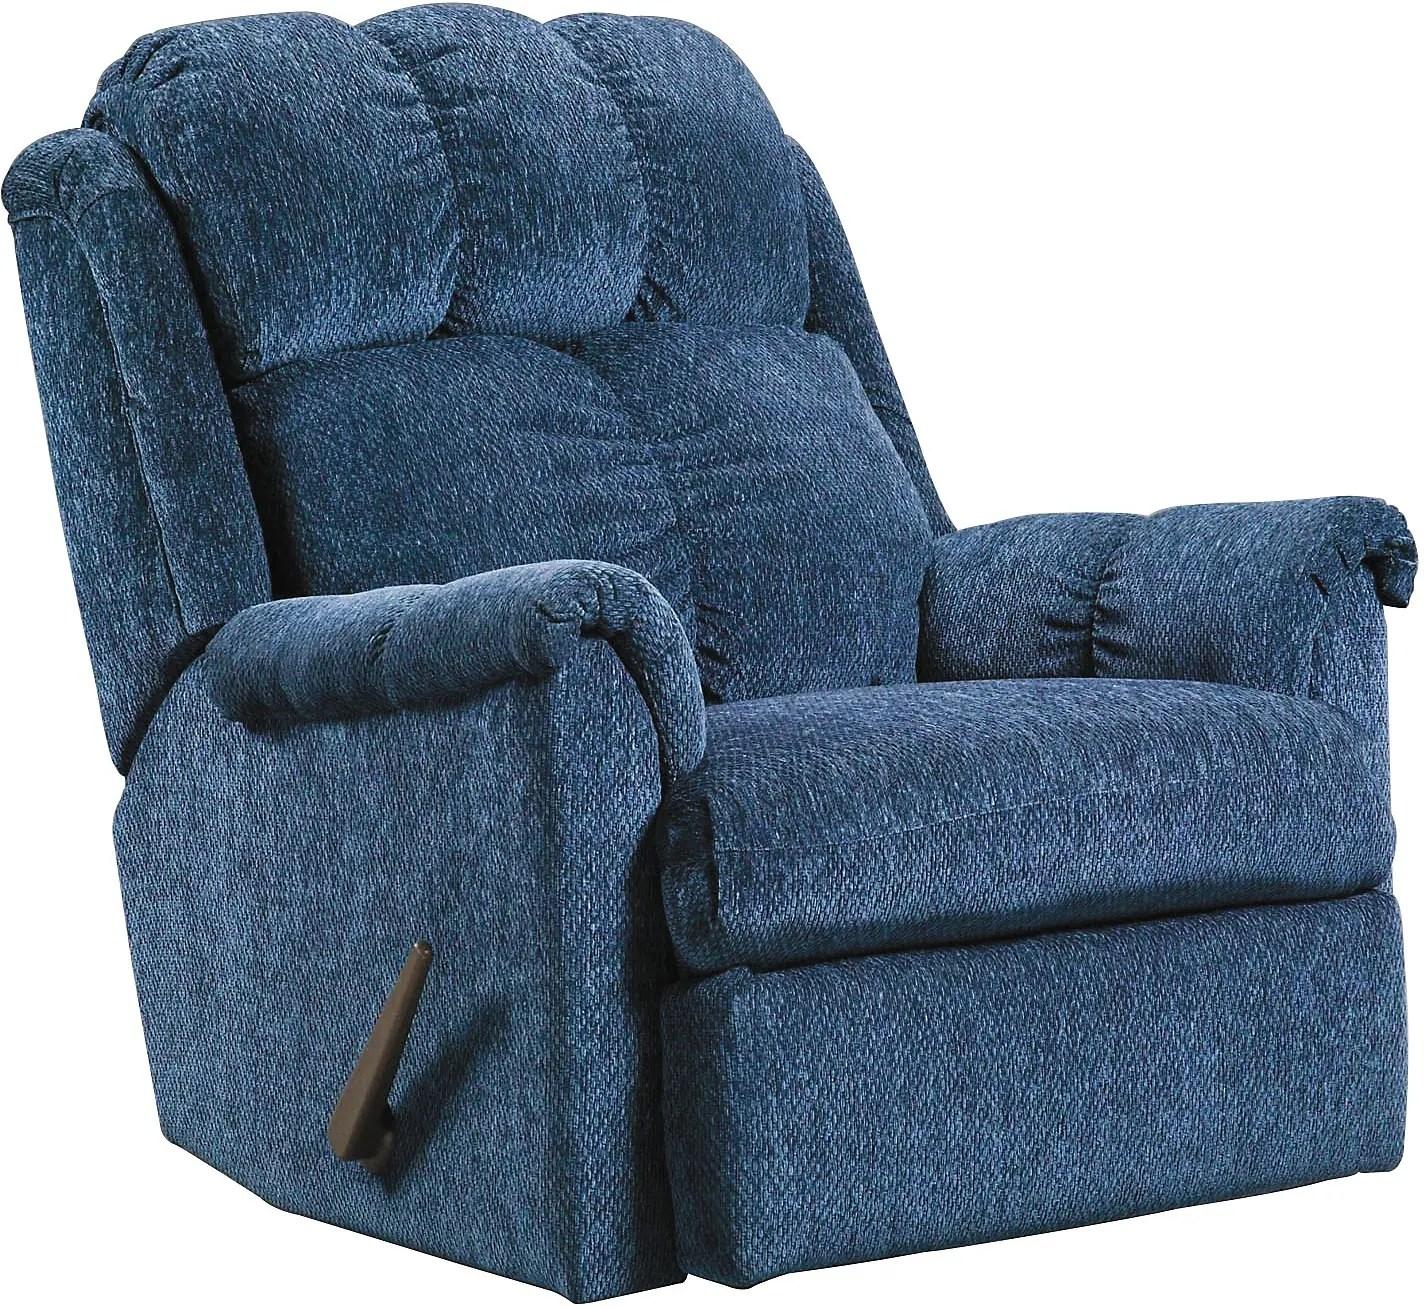 navy rocking chair wheelchair marathon chenille rocker recliner the brick